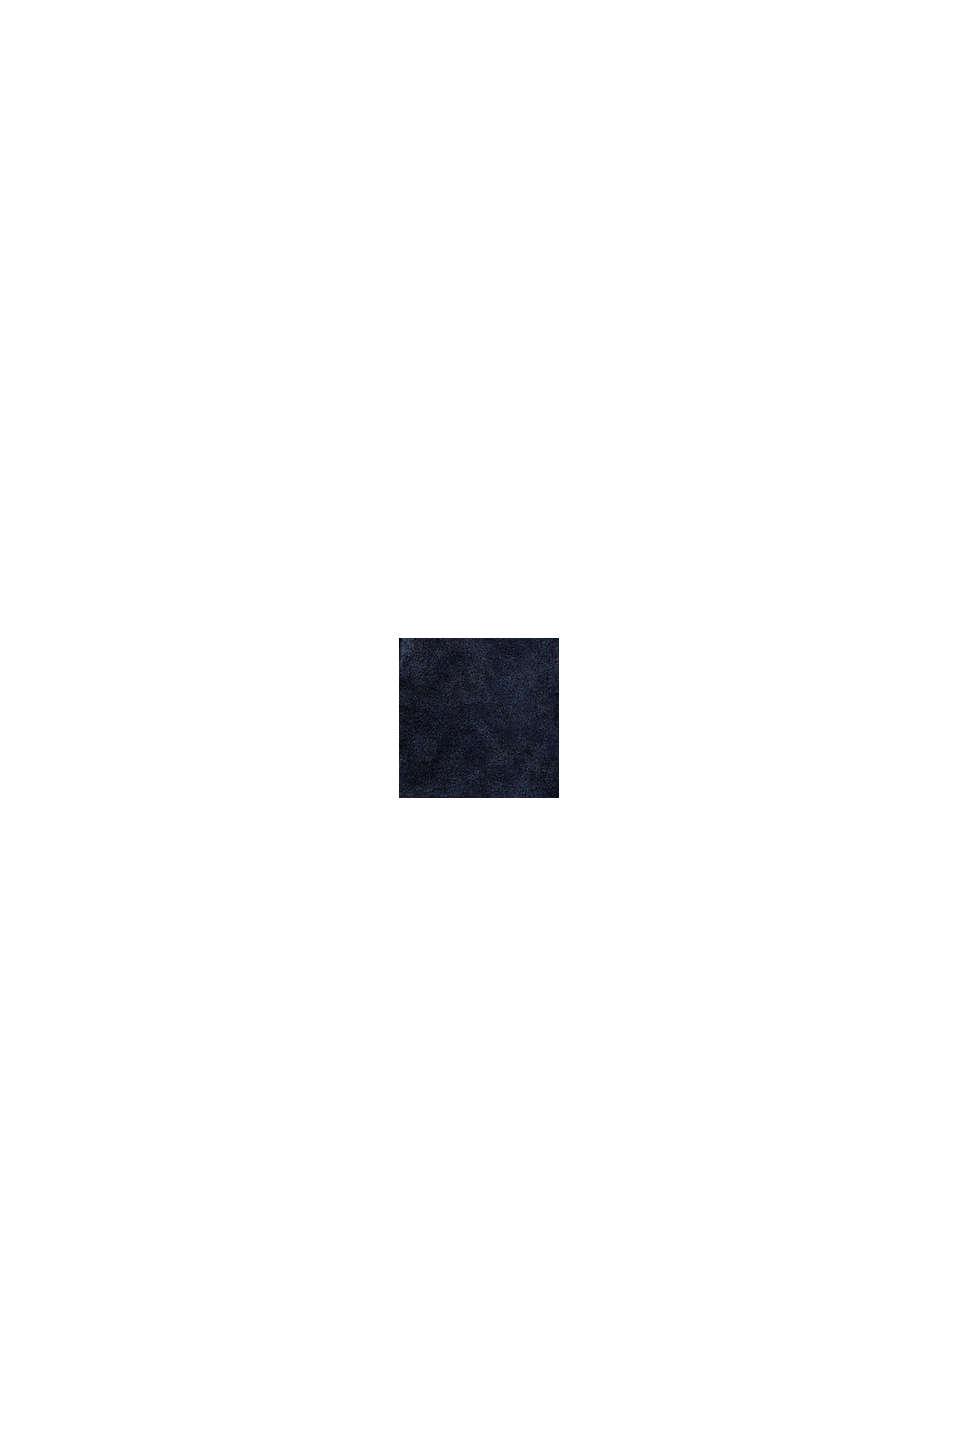 Joggingbroek met een gewassen look, 100% katoen, BLUE DARK WASHED, swatch